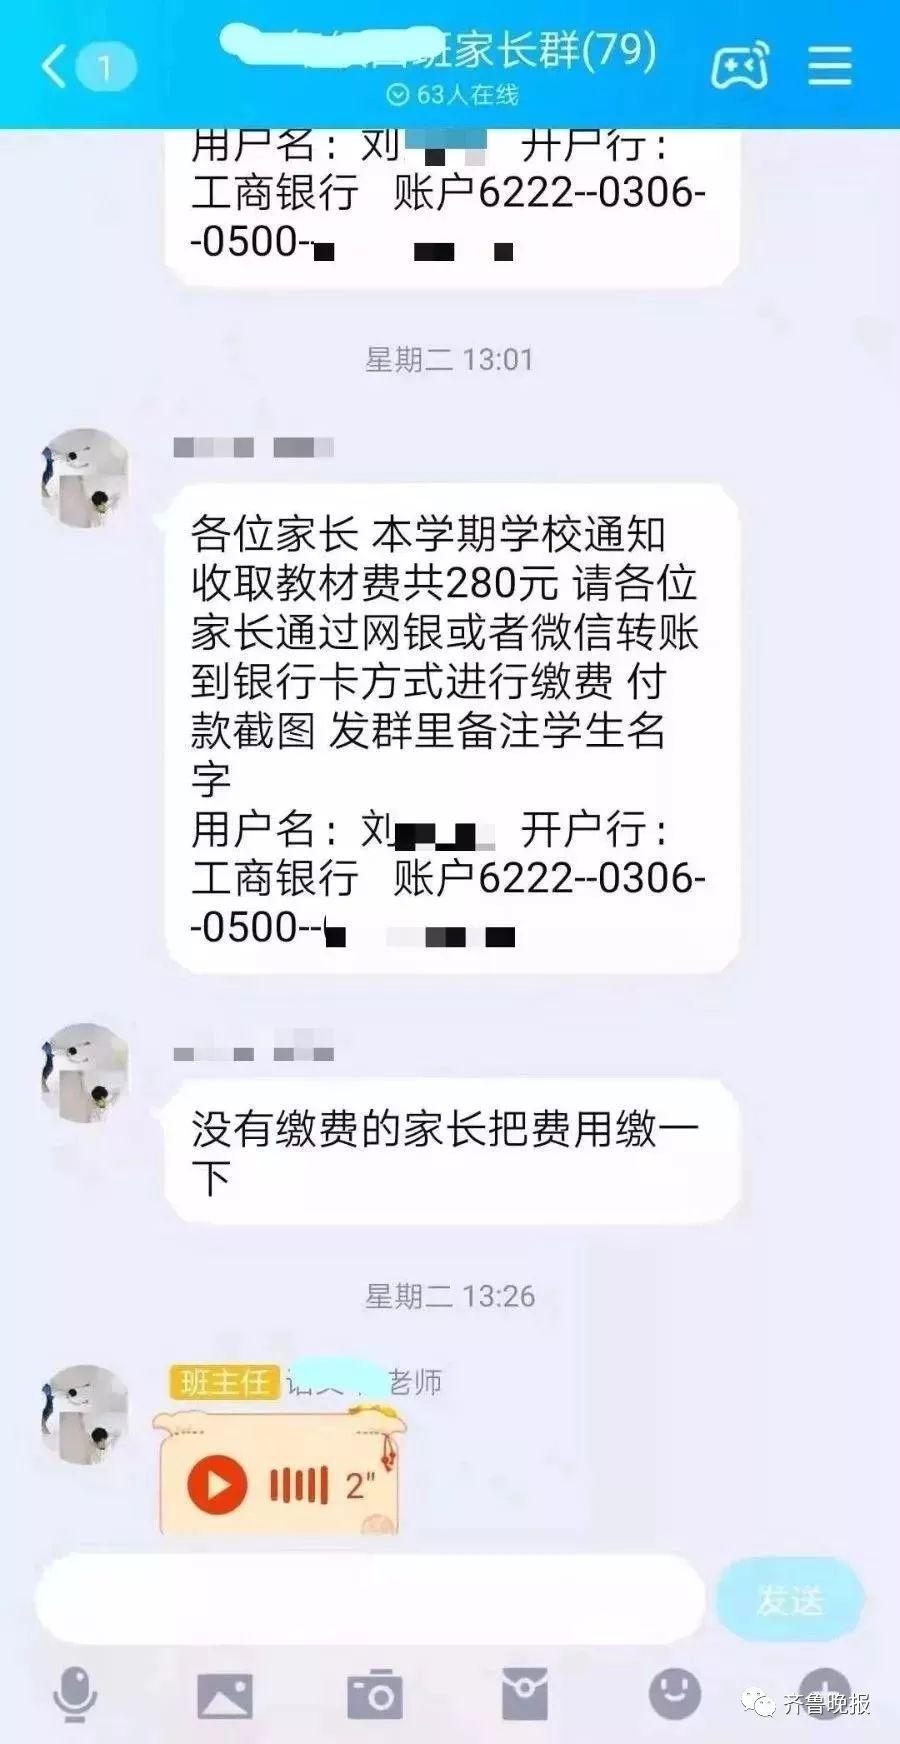 华人娱乐平台app|1.35亿人次 拱北边检验放旅客总量提前突破去年整年